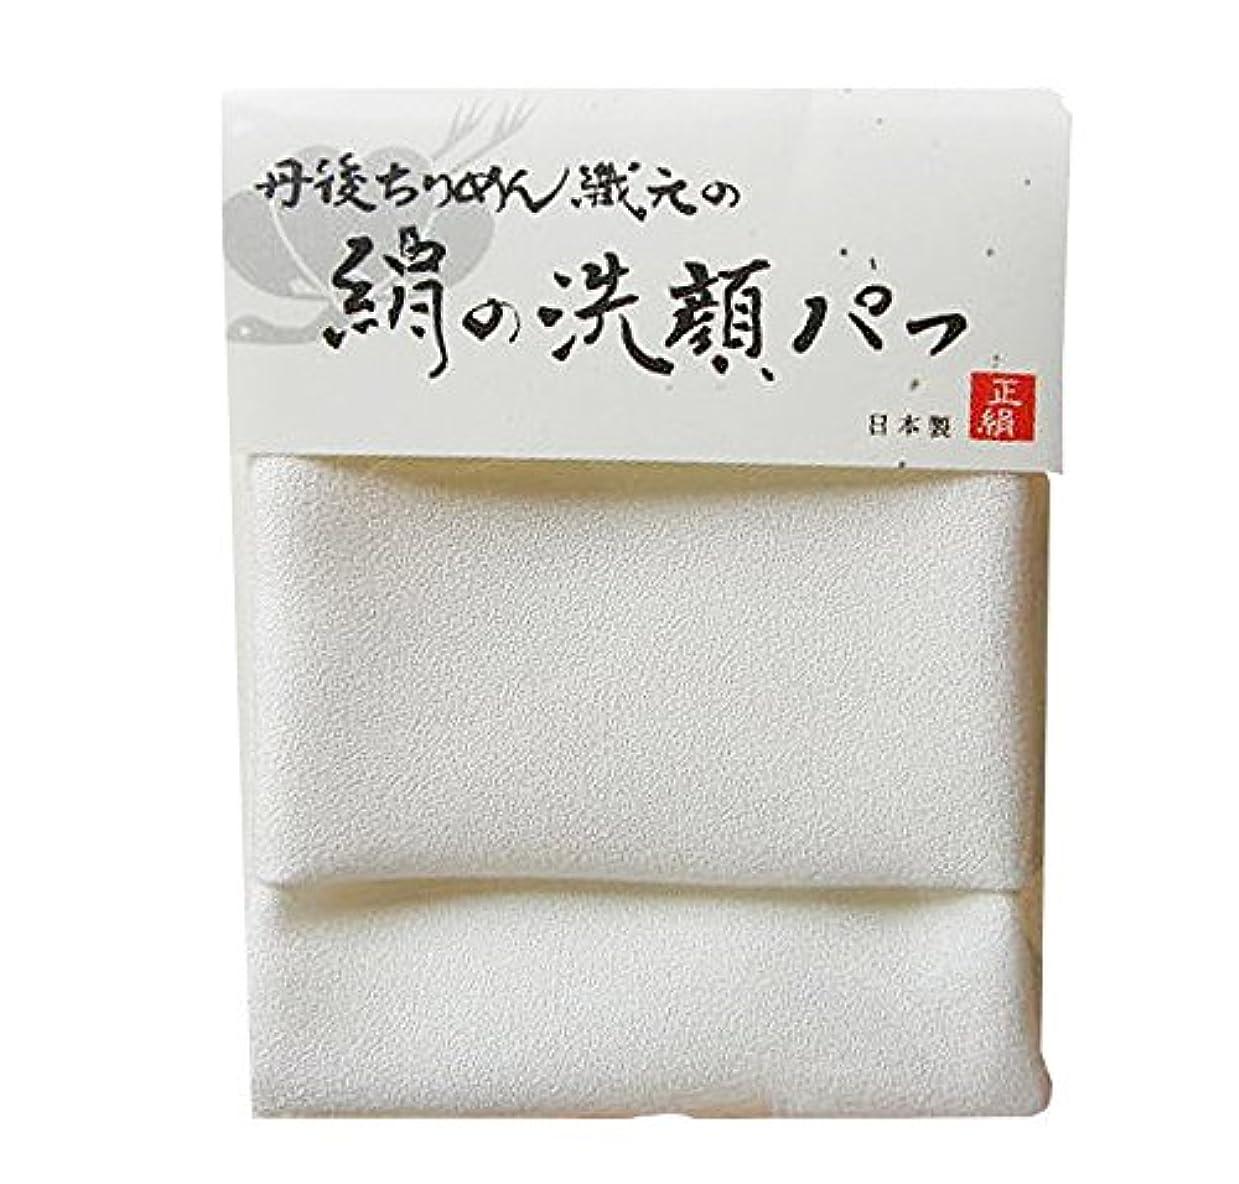 調和バウンス論理的【NHKイッピンで紹介!】丹後ちりめん織元の絹の洗顔パフ